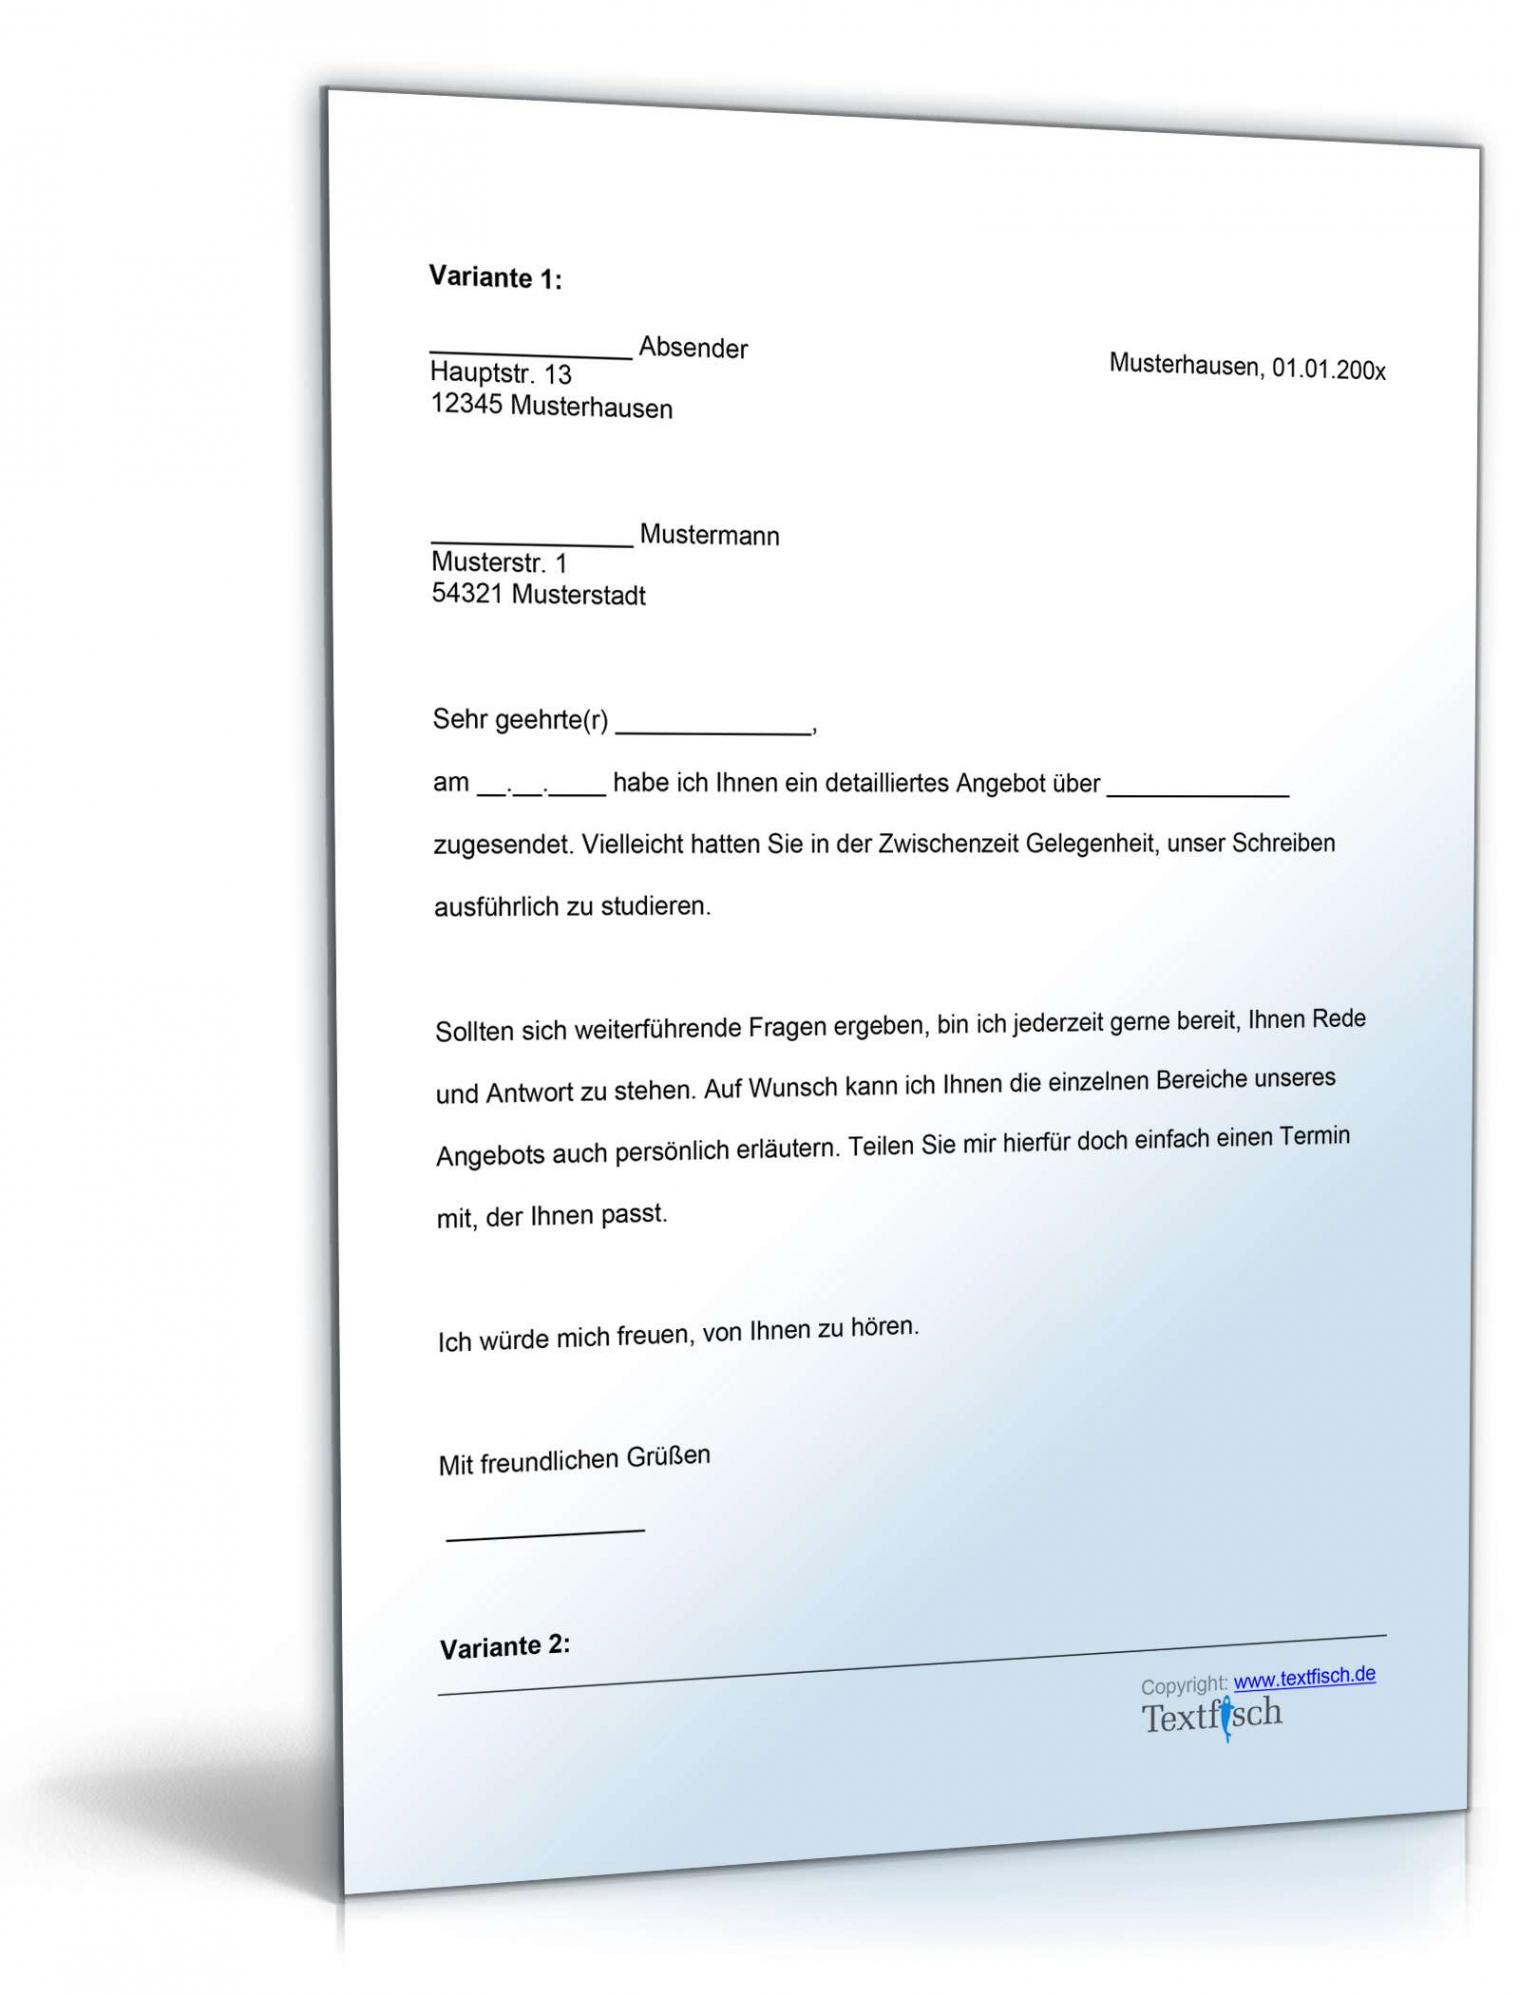 Sampler Anschreiben Angebot Vorlage Excel